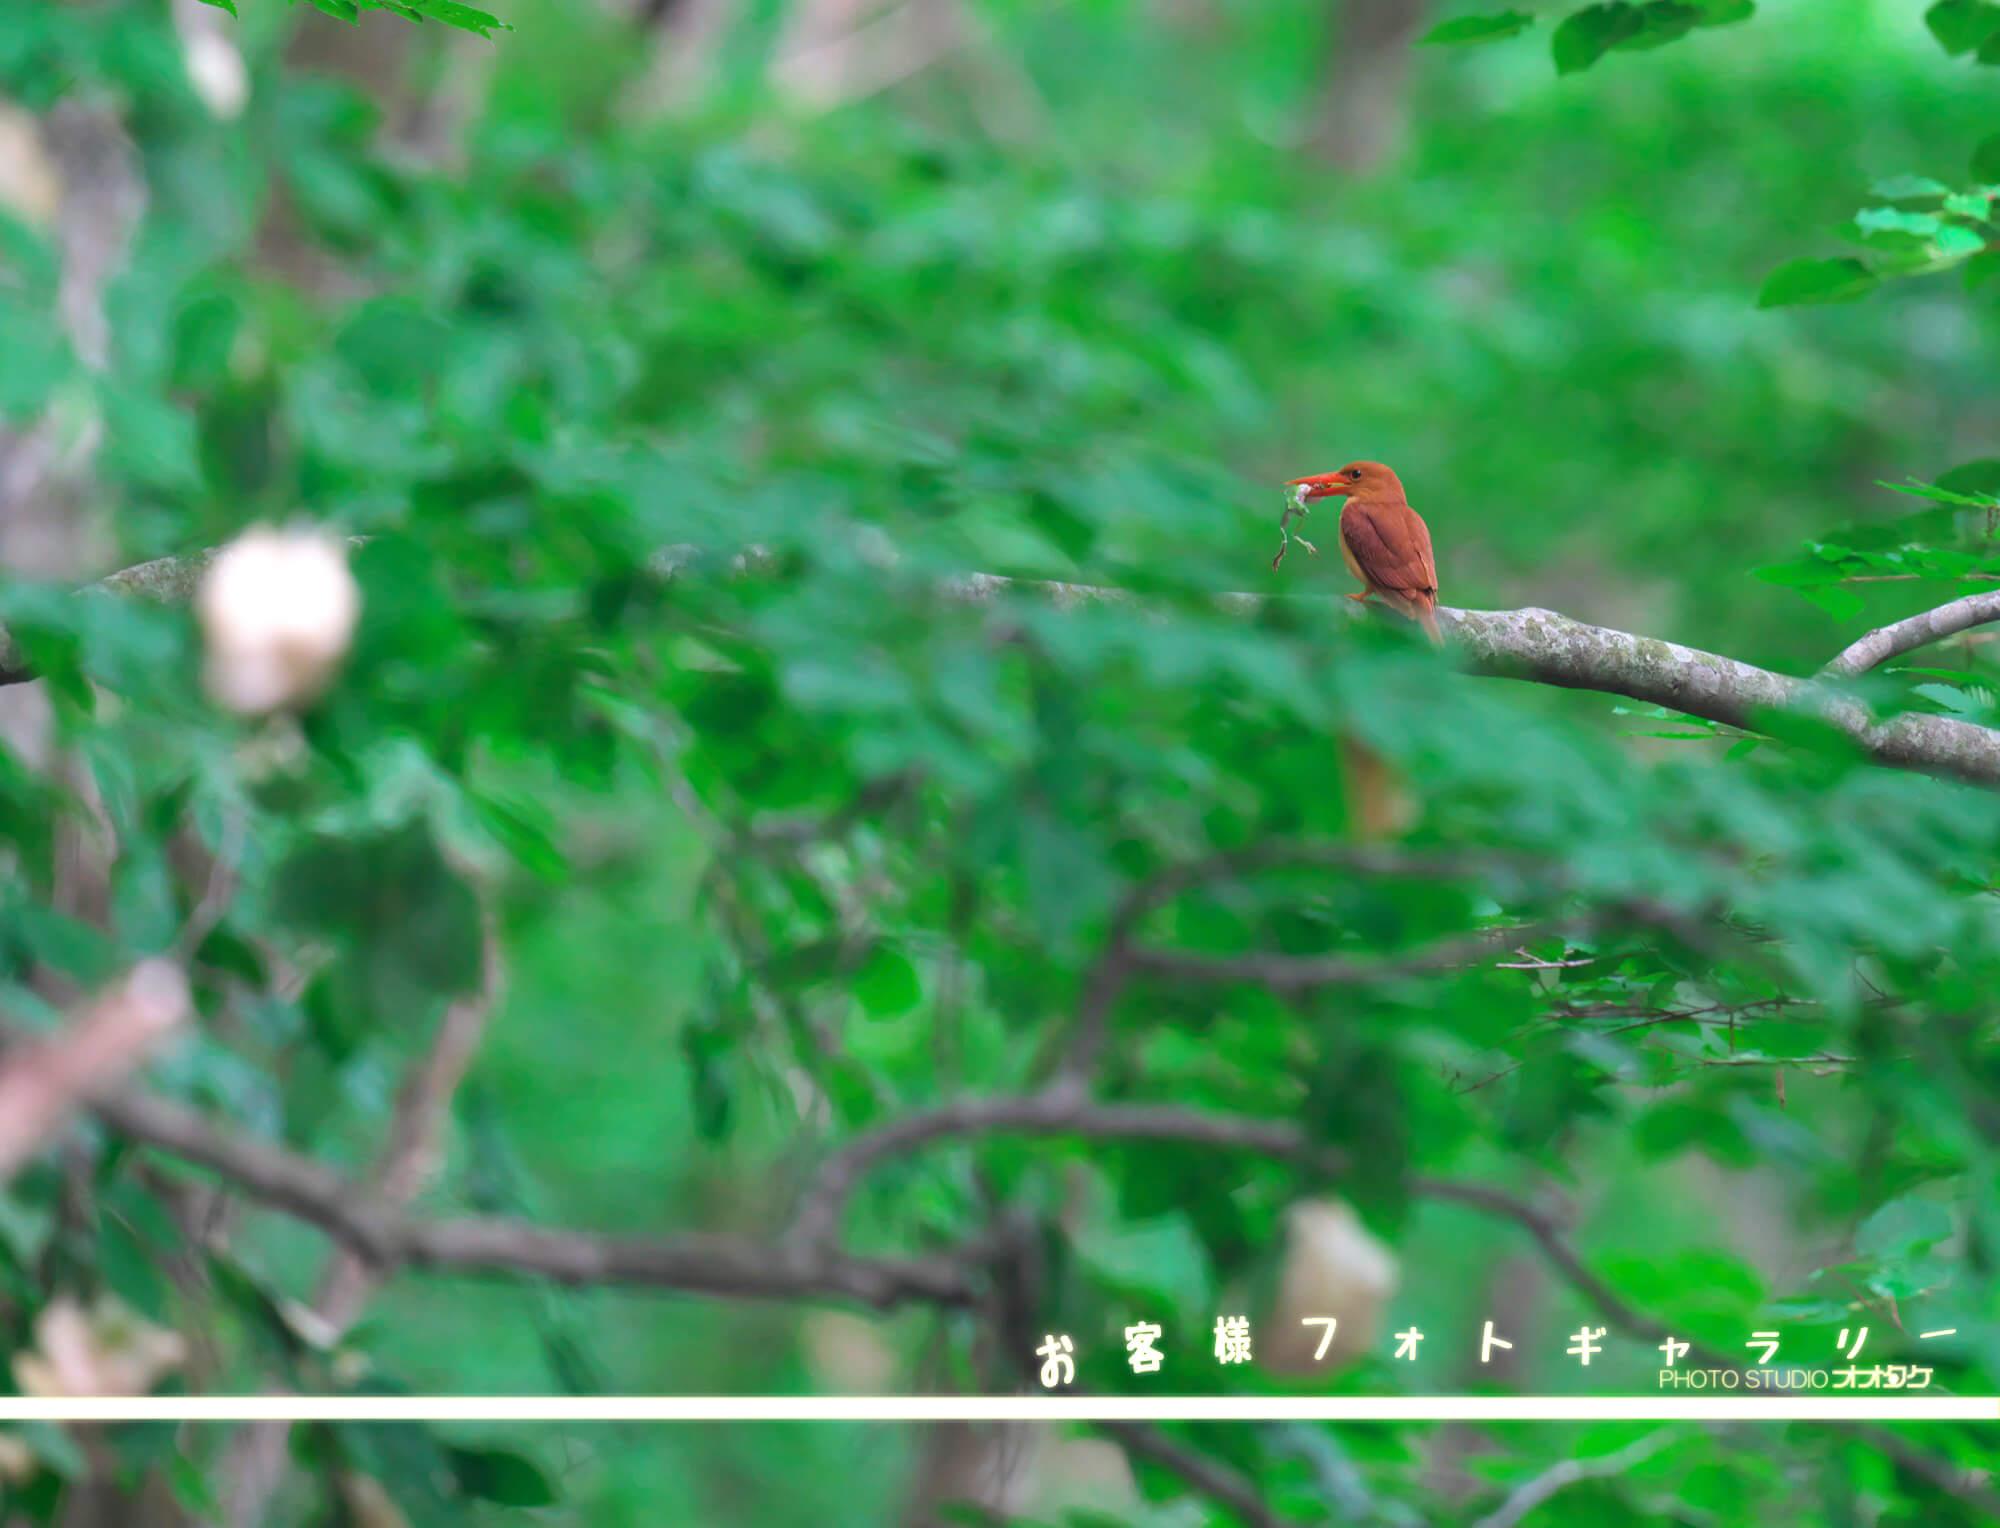 オオタケカメラ,アカショウビン,會津秘密基地